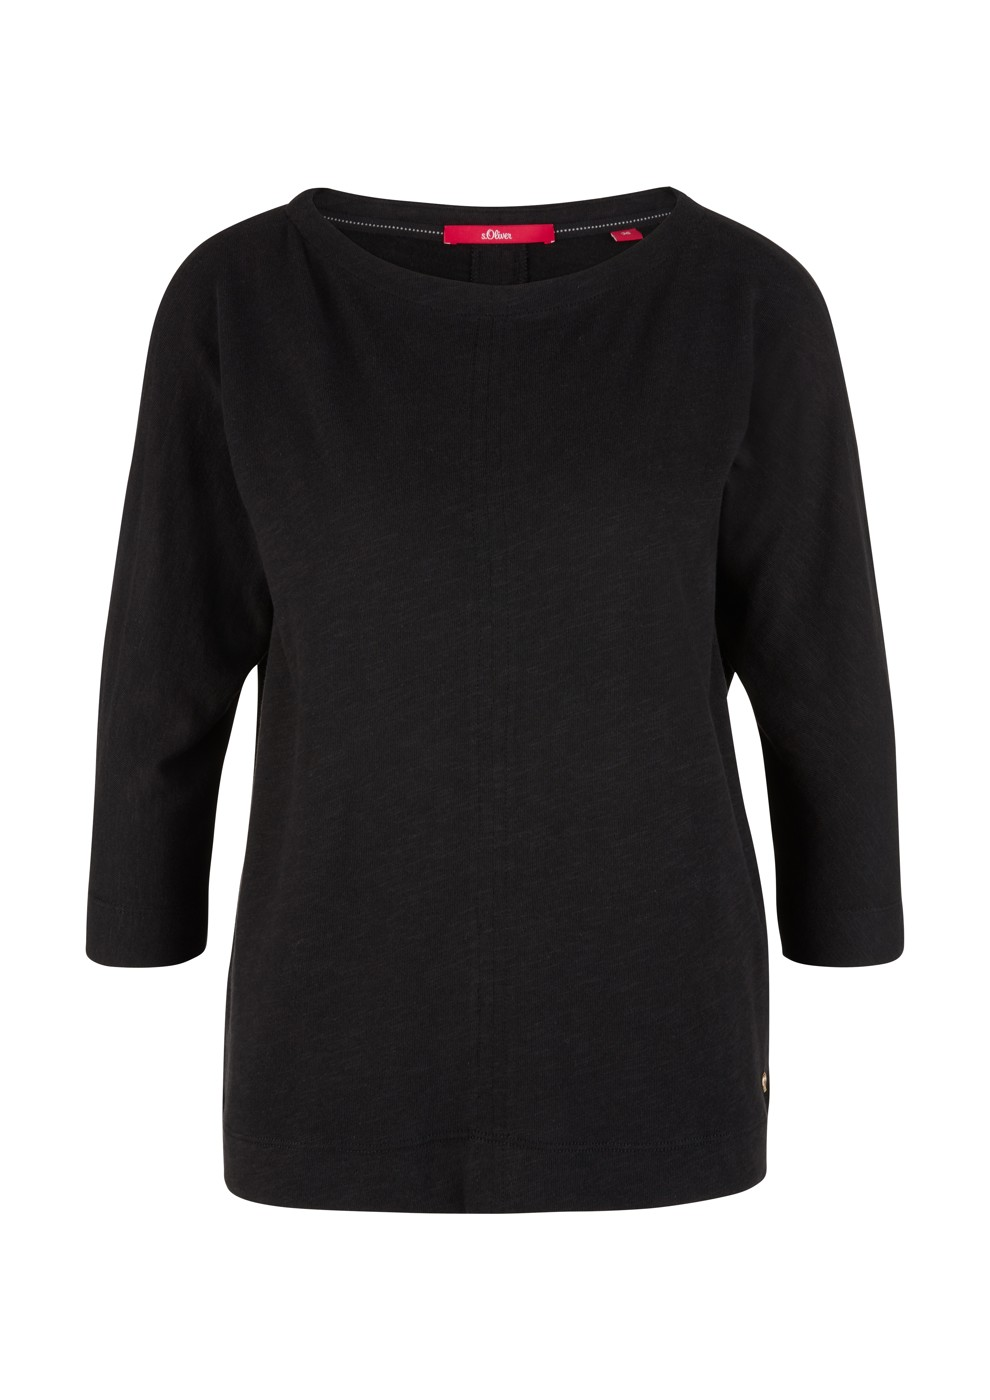 120 T-Shirt 3/4 Arm - Damen